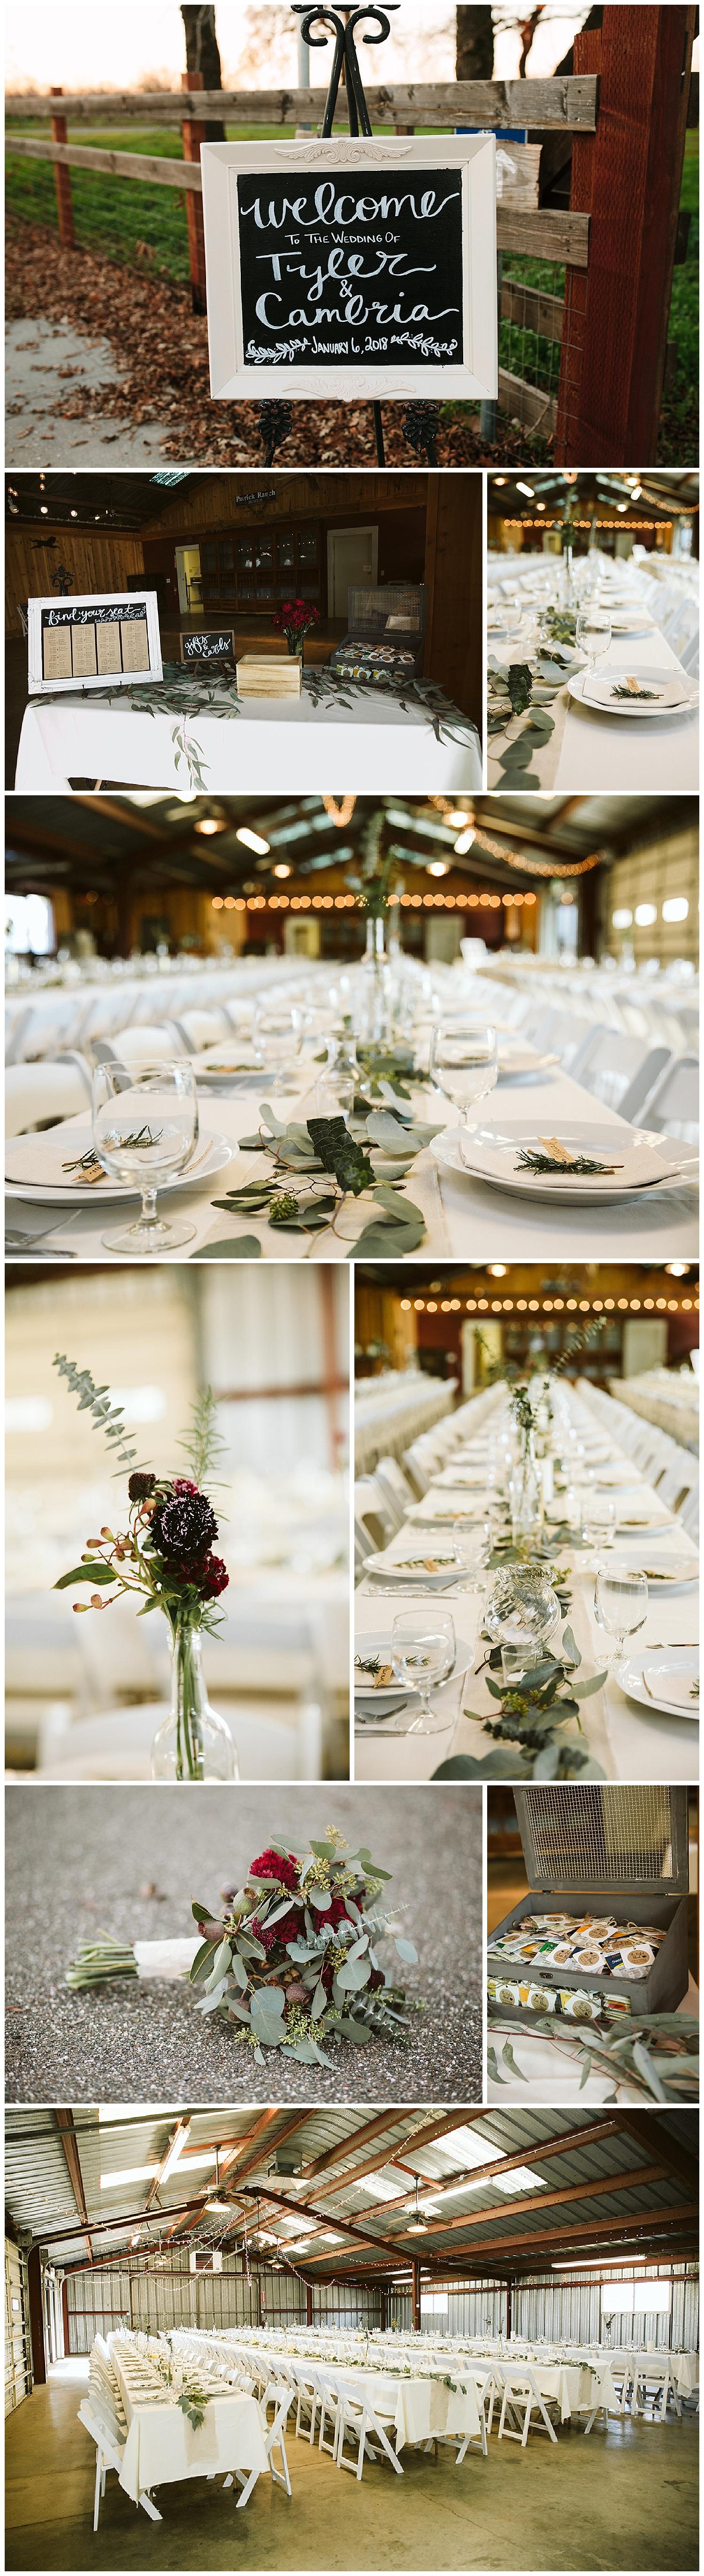 the-530-bride_patrick-ranch-wedding-2018